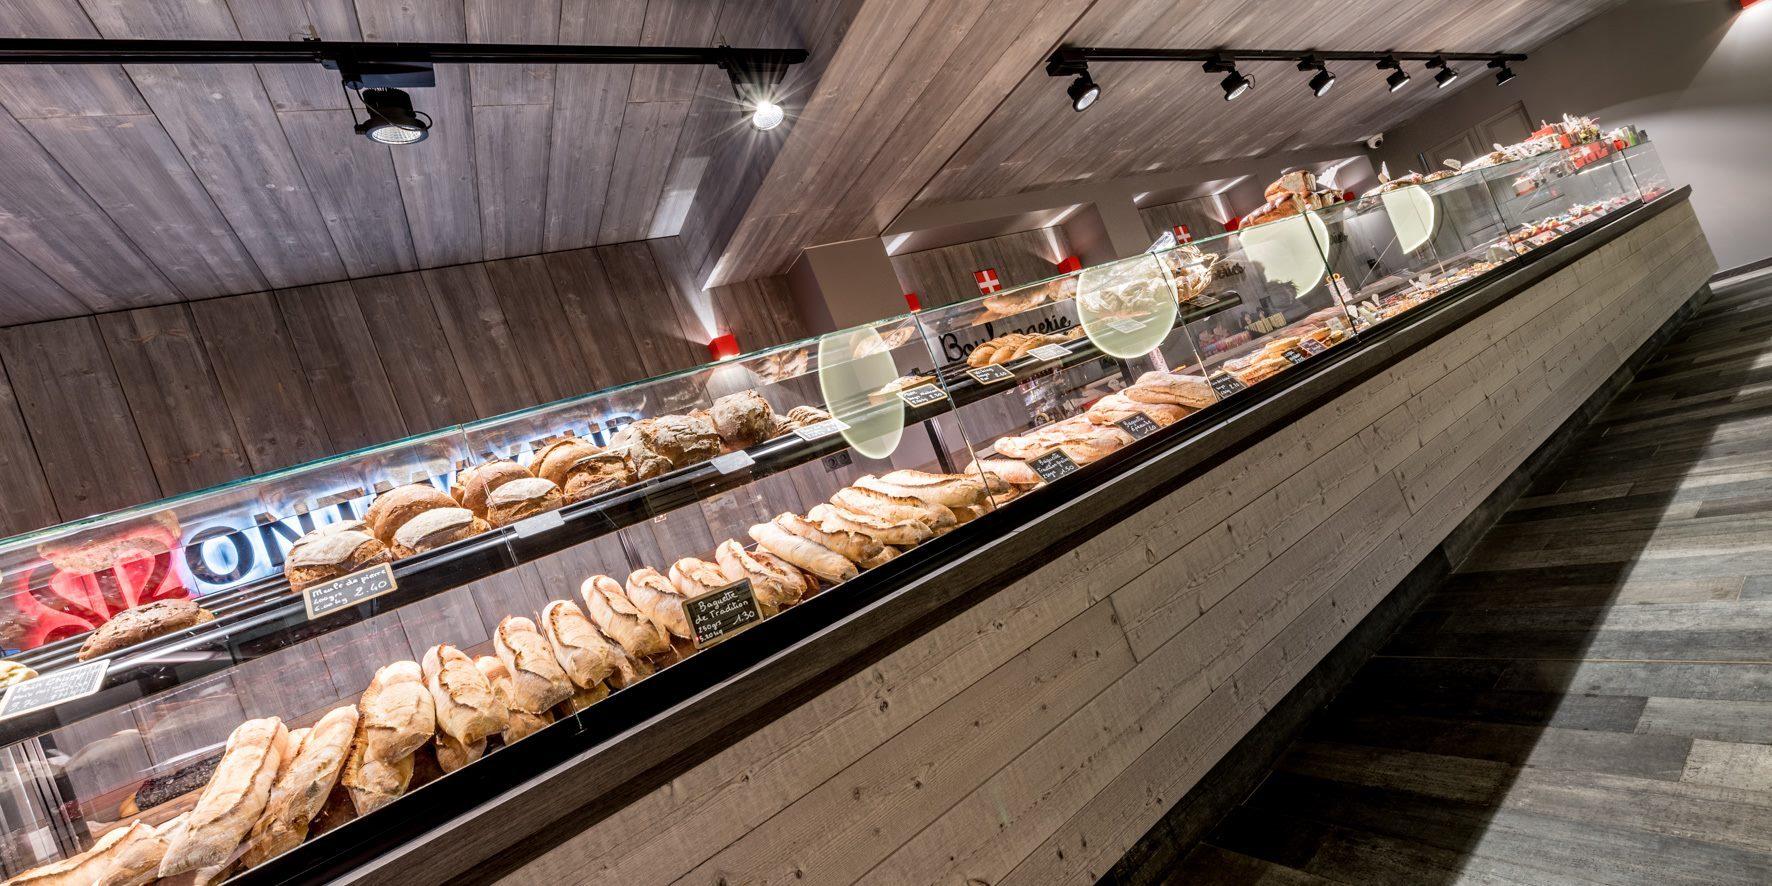 Boulangerie Montmayeur